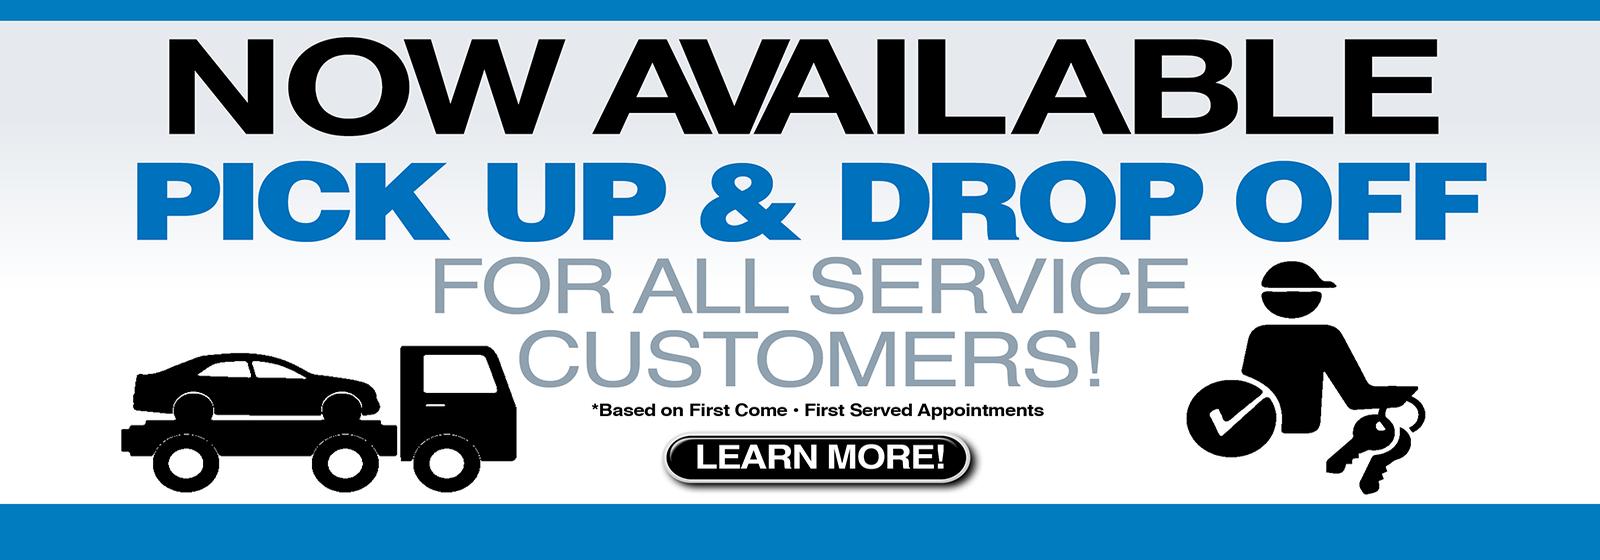 HVH-052_Service_Pickup_Delivery_1600x650_1600x560